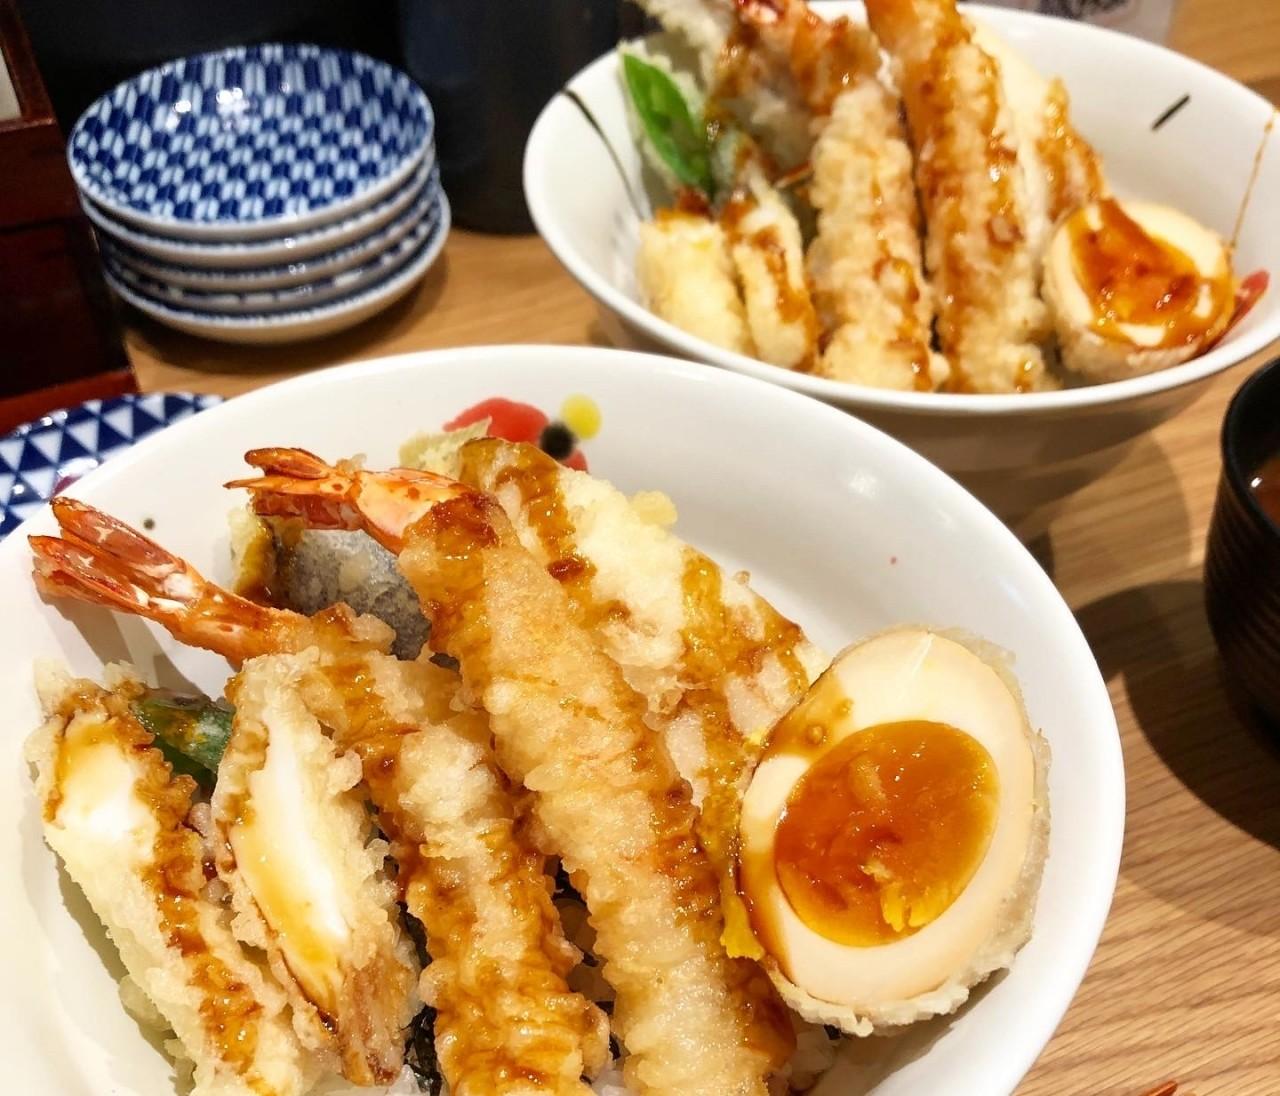 渋谷ランチ≫女性に嬉しい低カロリーな天ぷら⁈